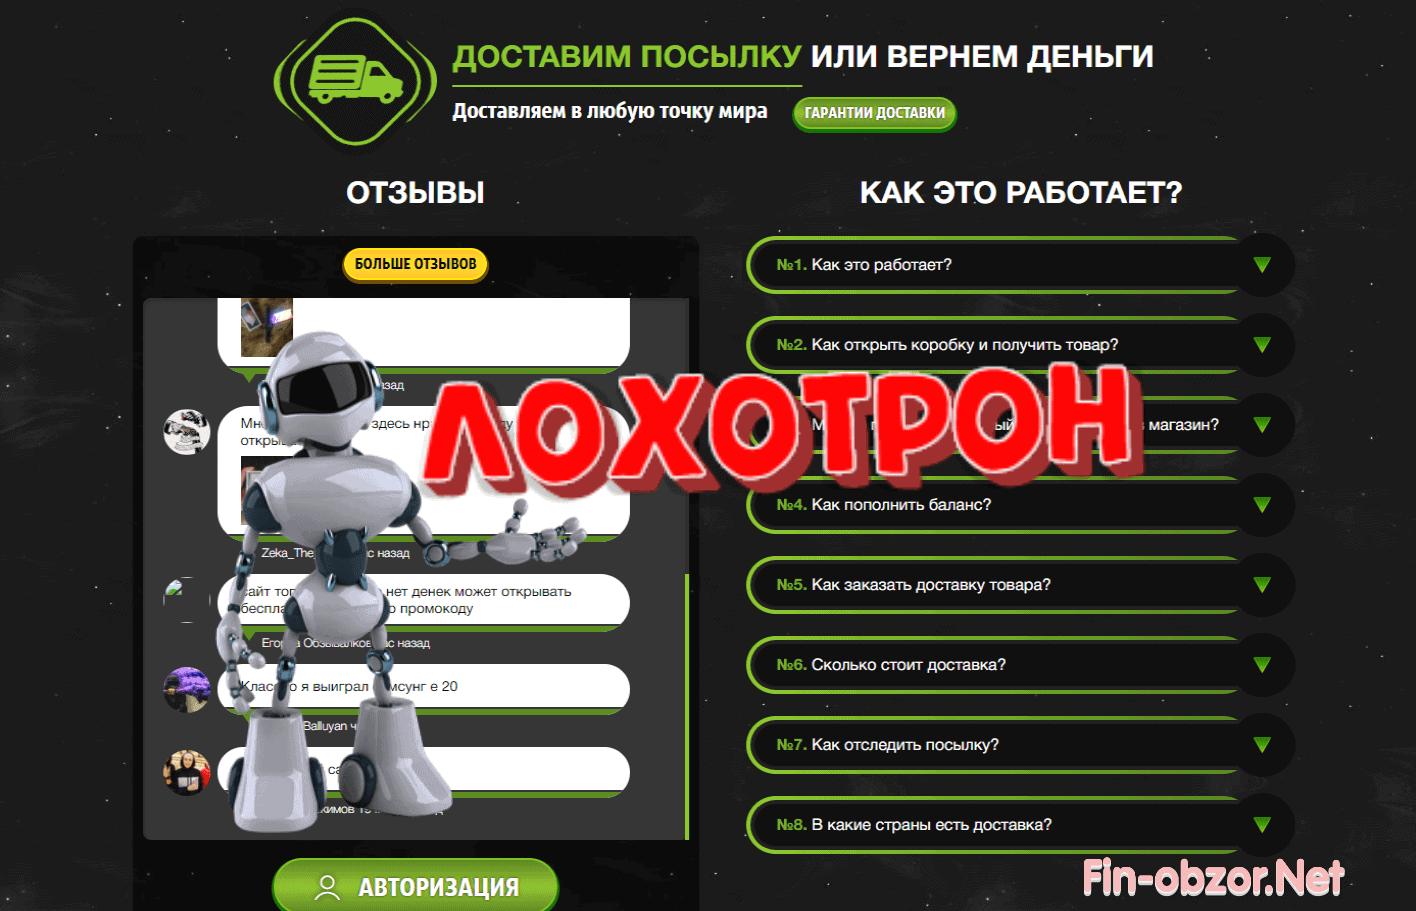 prizebox.org мошенники или реальный сайт